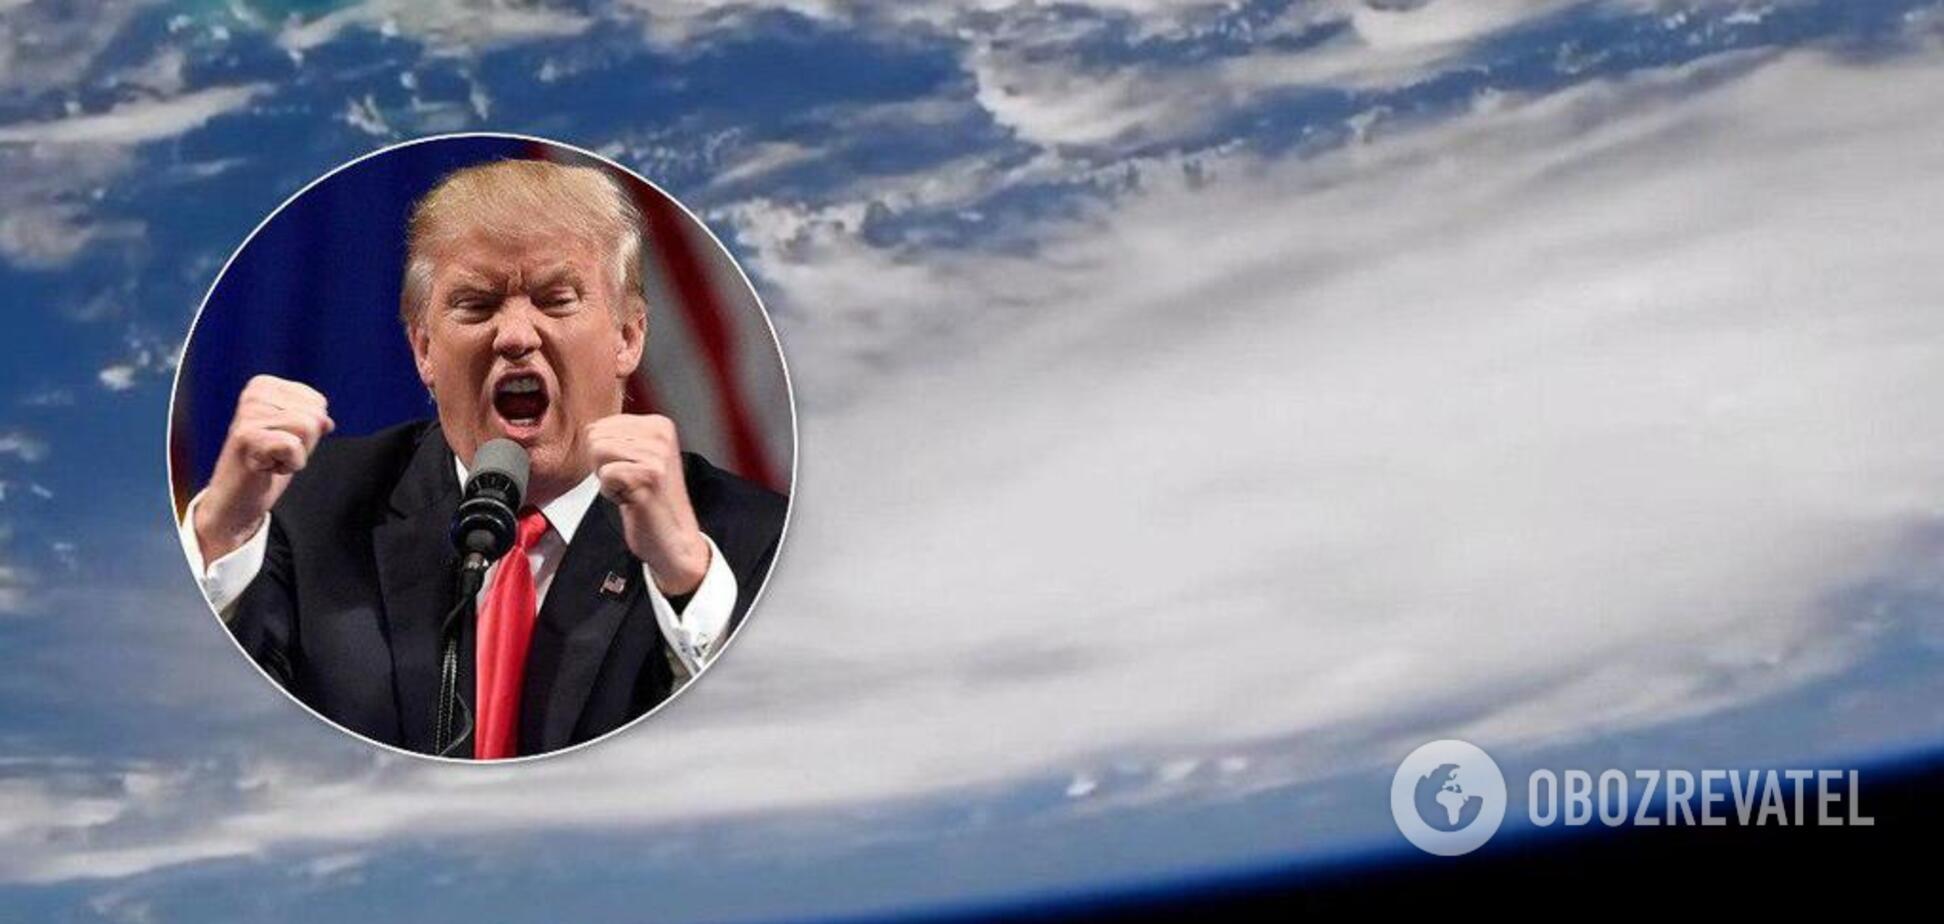 На США насувається смертоносний ураган: як виглядає небезпека, через яку Трамп не зустрінеться із Зеленським